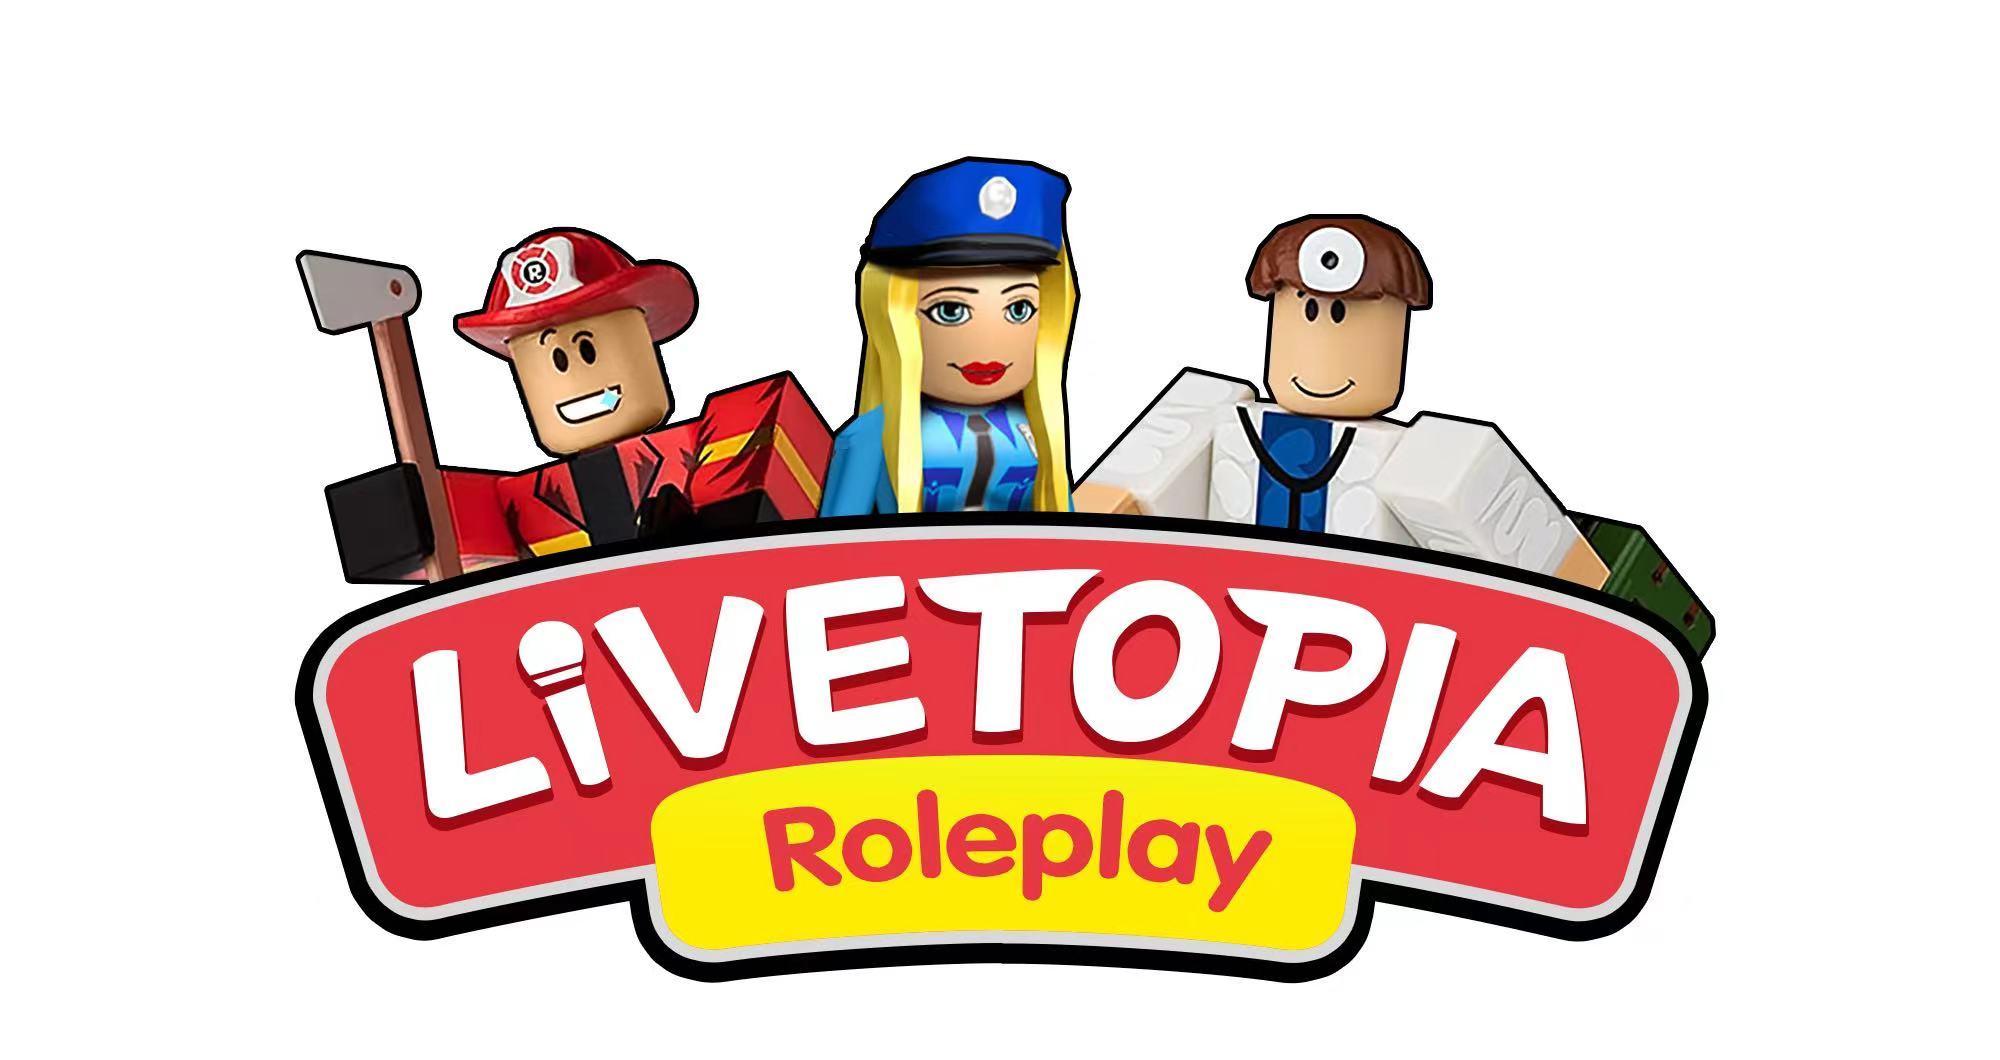 世纪华通自研元宇宙游戏《LiveTopia》成现象级游戏,月活用户超4000万国内第一